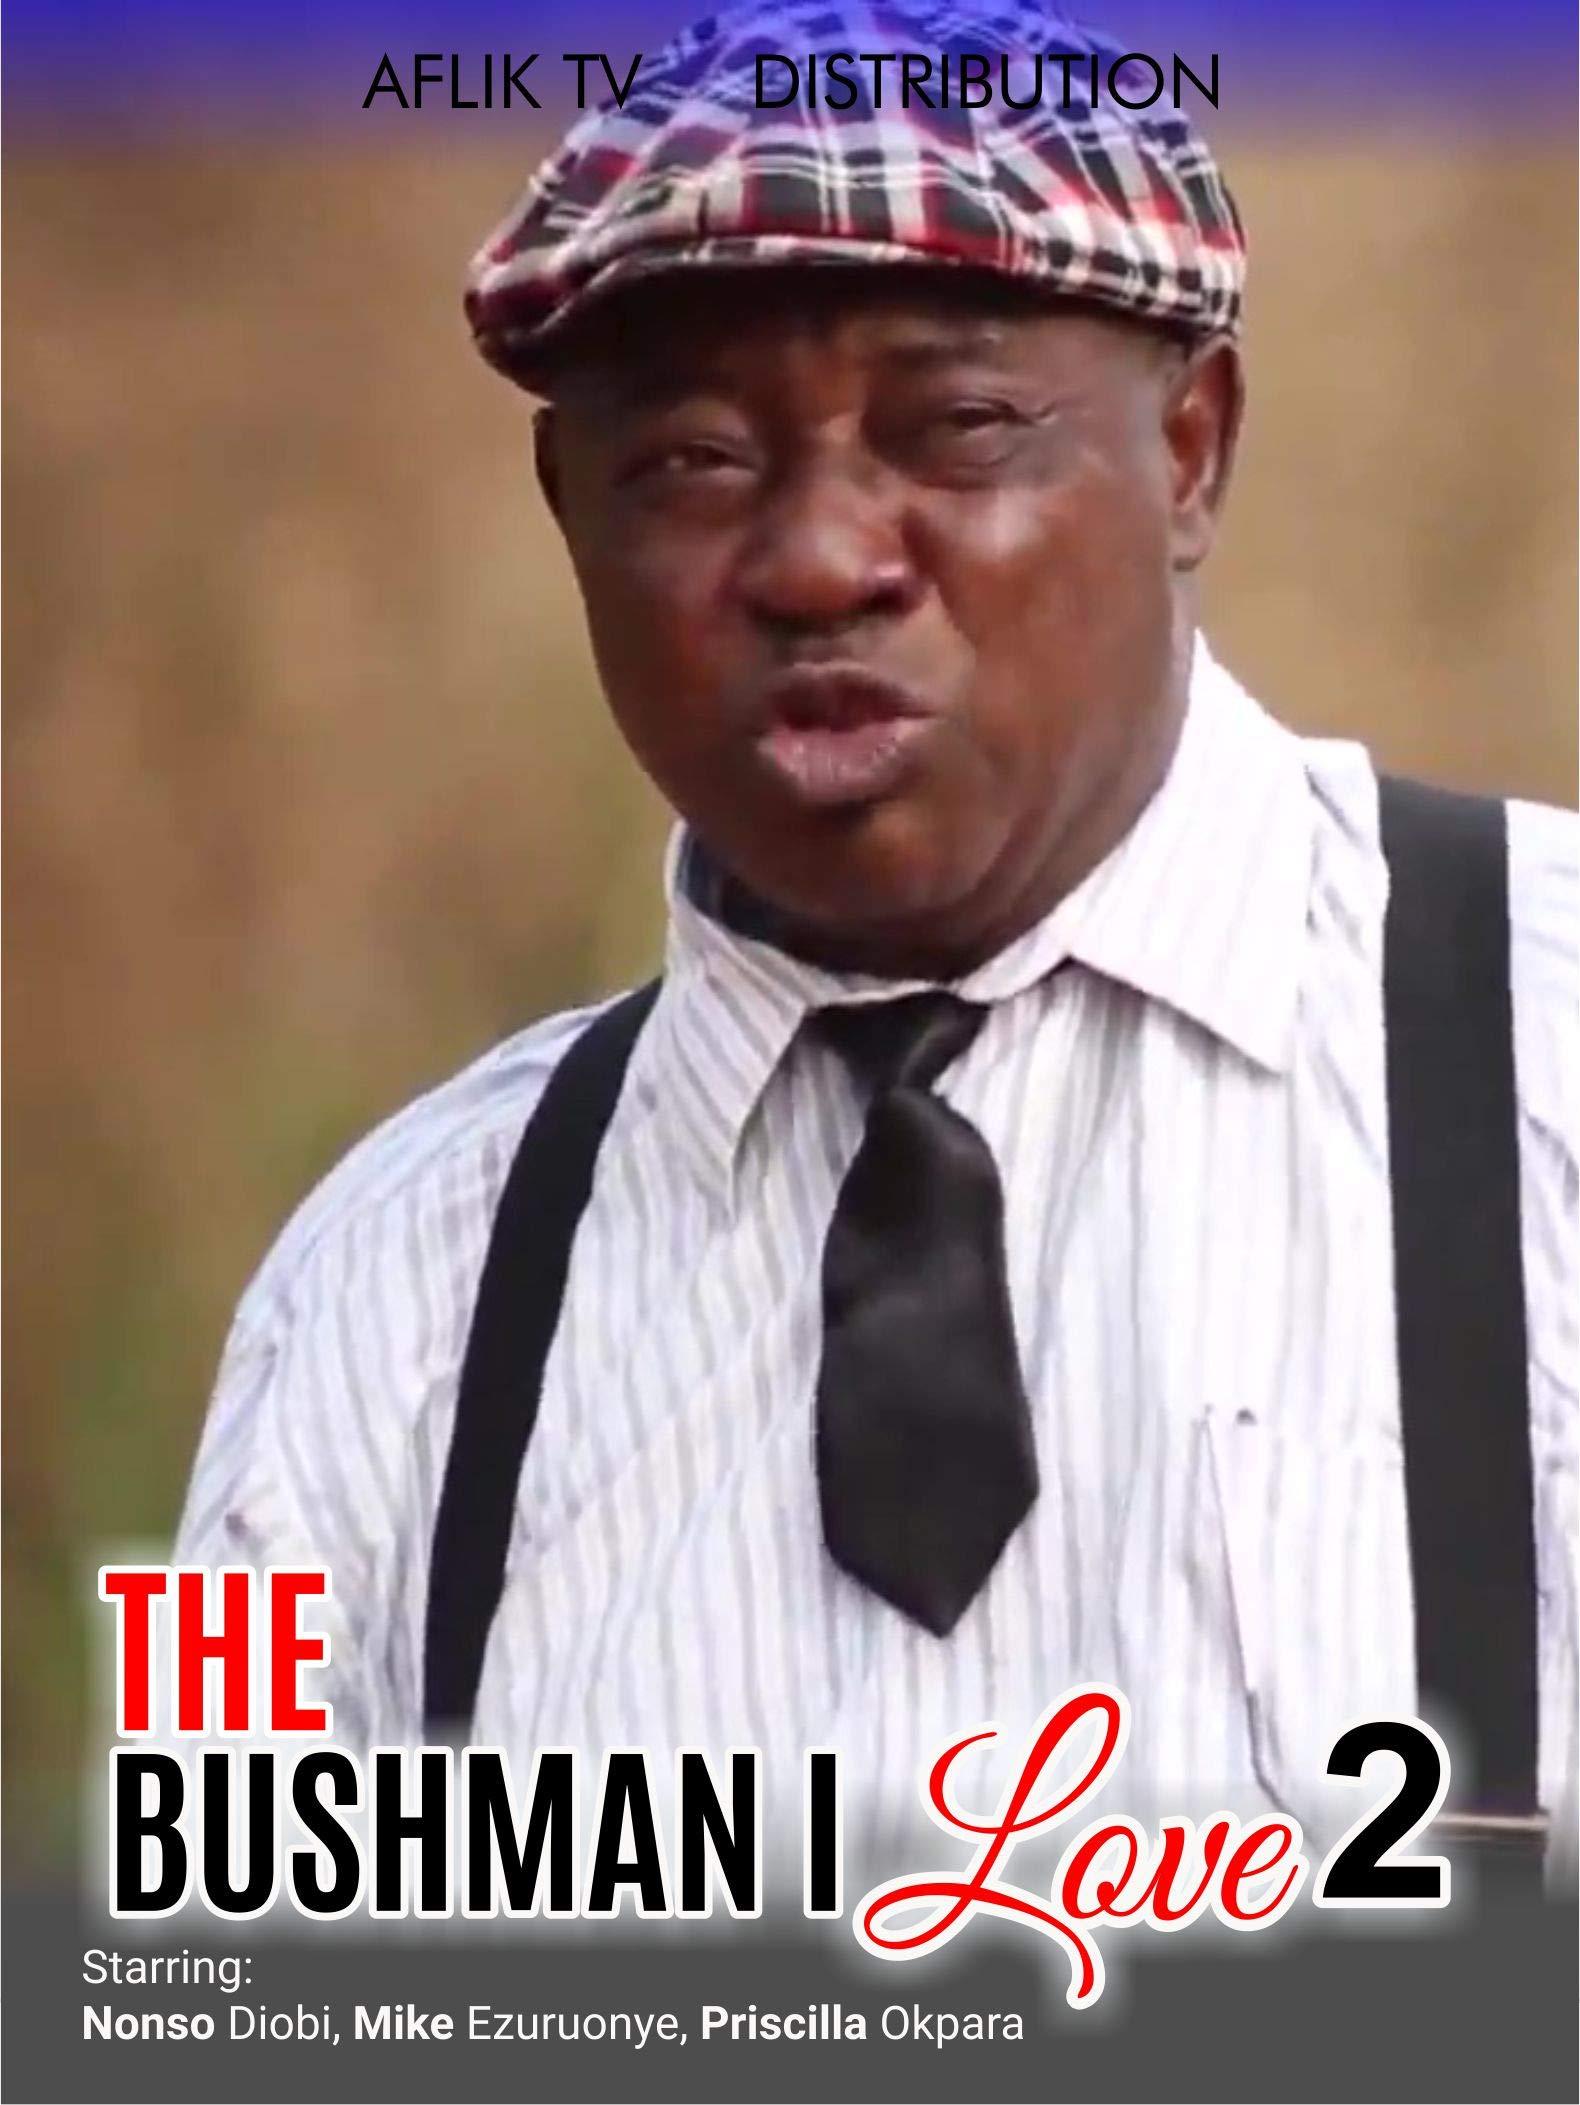 The bushman i love 2